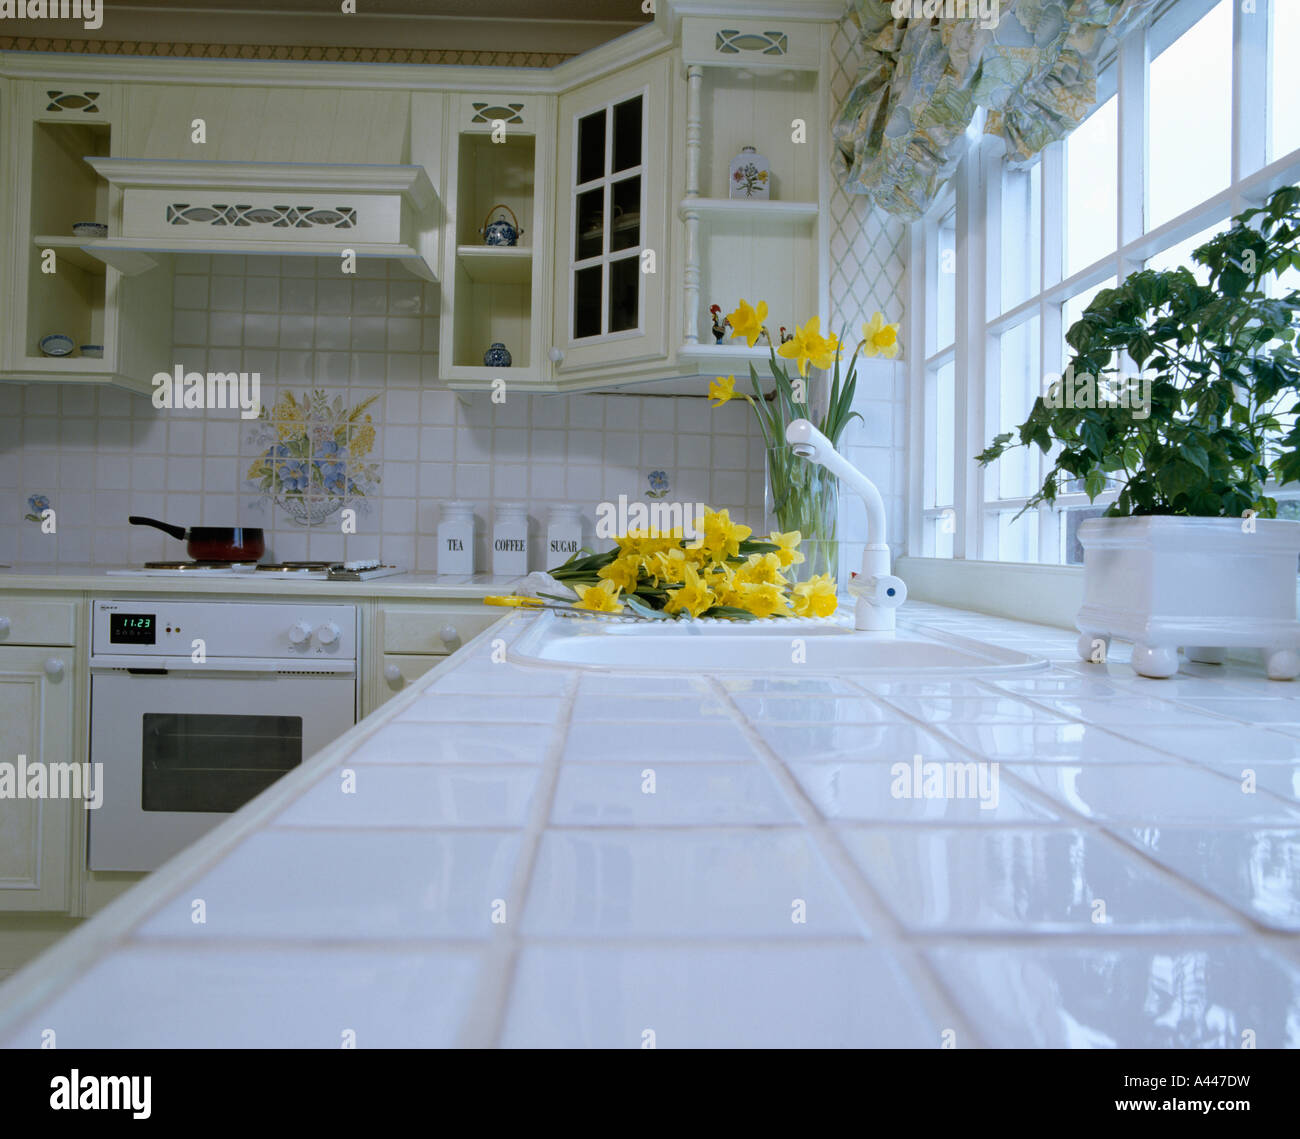 Plan De Travail En Carrelage Blanc 80 Blanc Cuisine Photo Stock